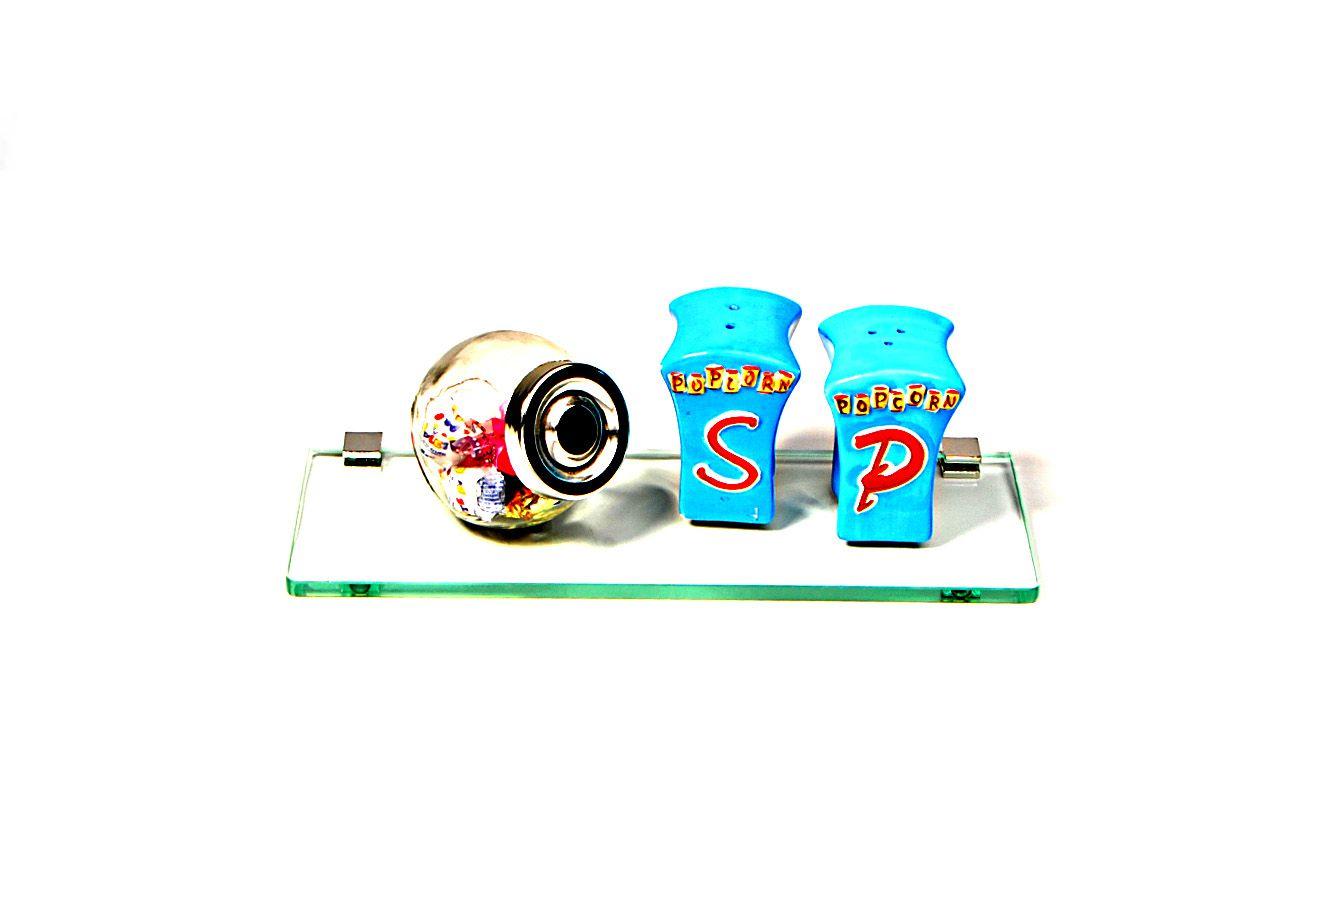 Porta Shampoo Reto em Vidro Incolor Lapidado - Aquabox  - 30cmx9cmx8mm